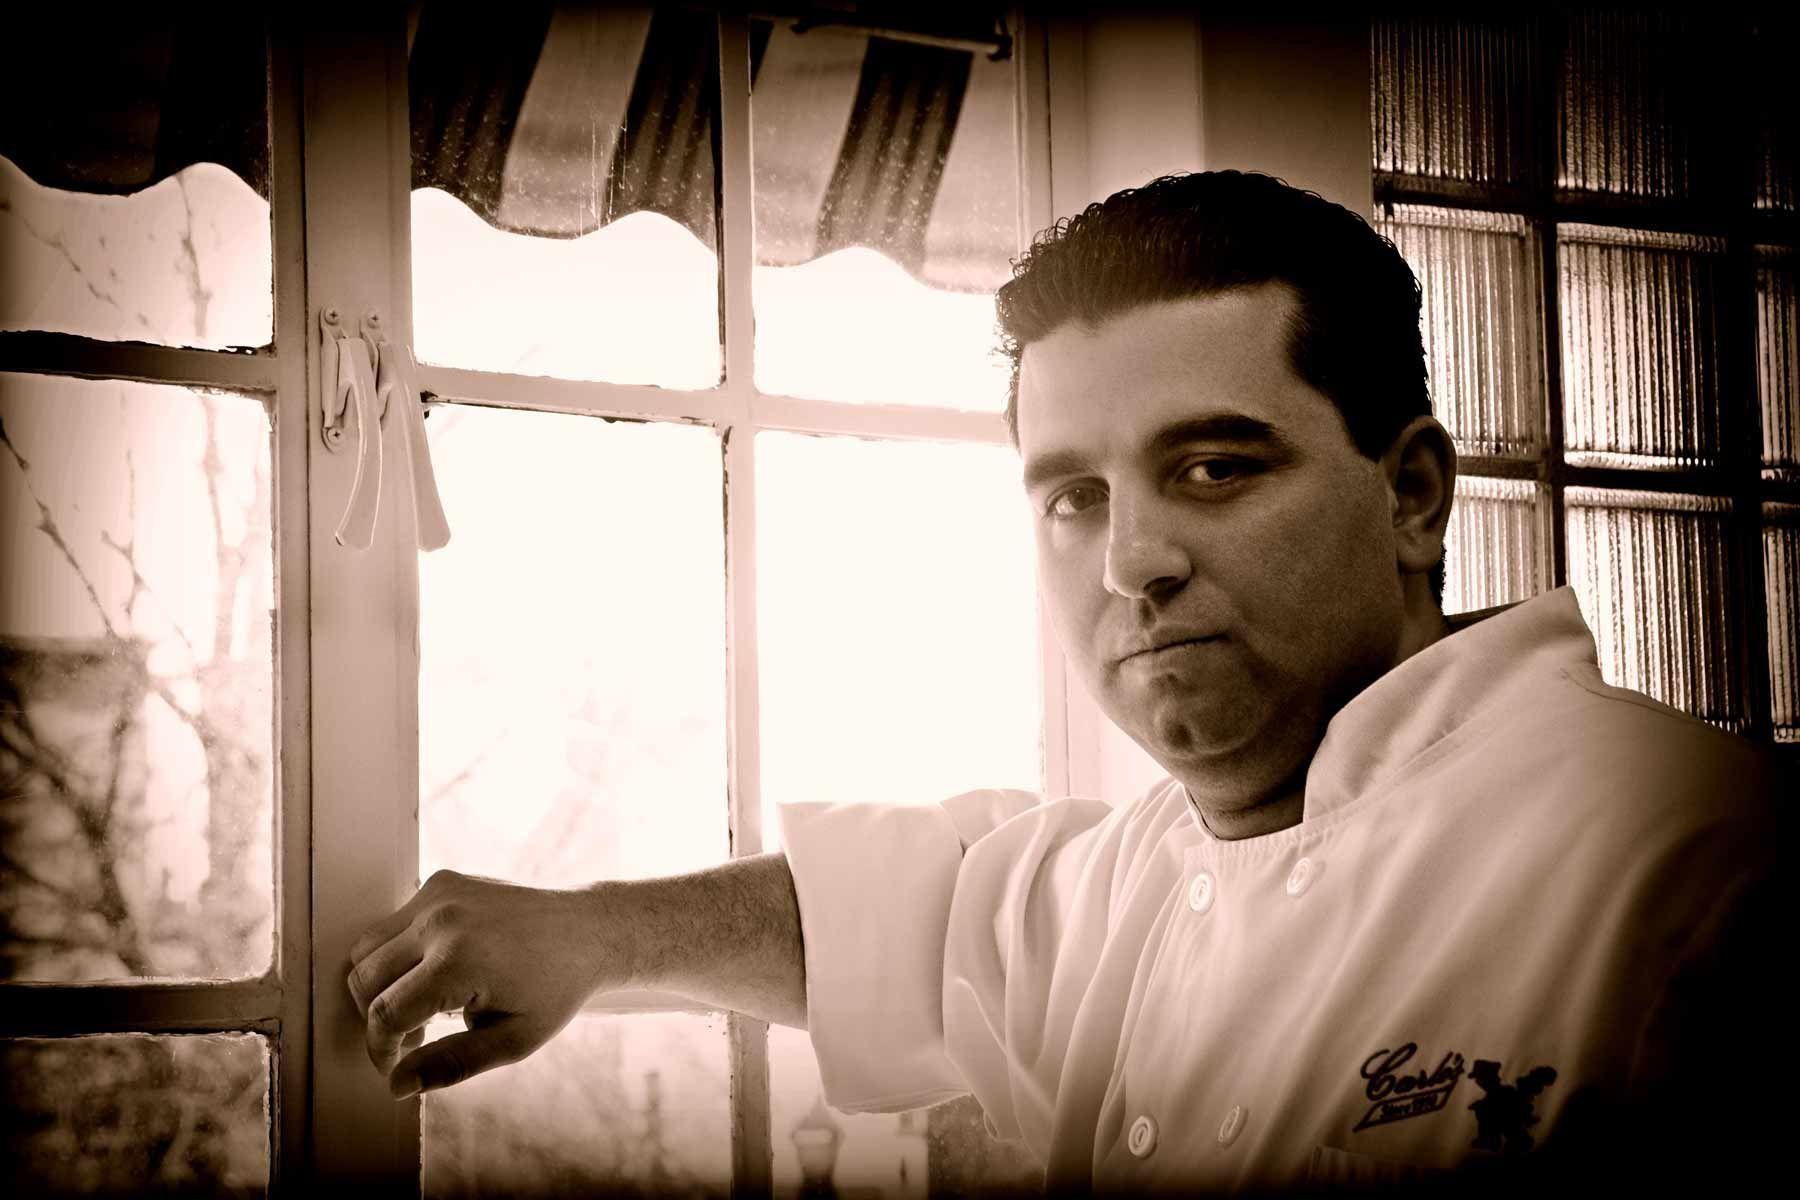 Cake Boss (Buddy Valastro) Photo Shoot